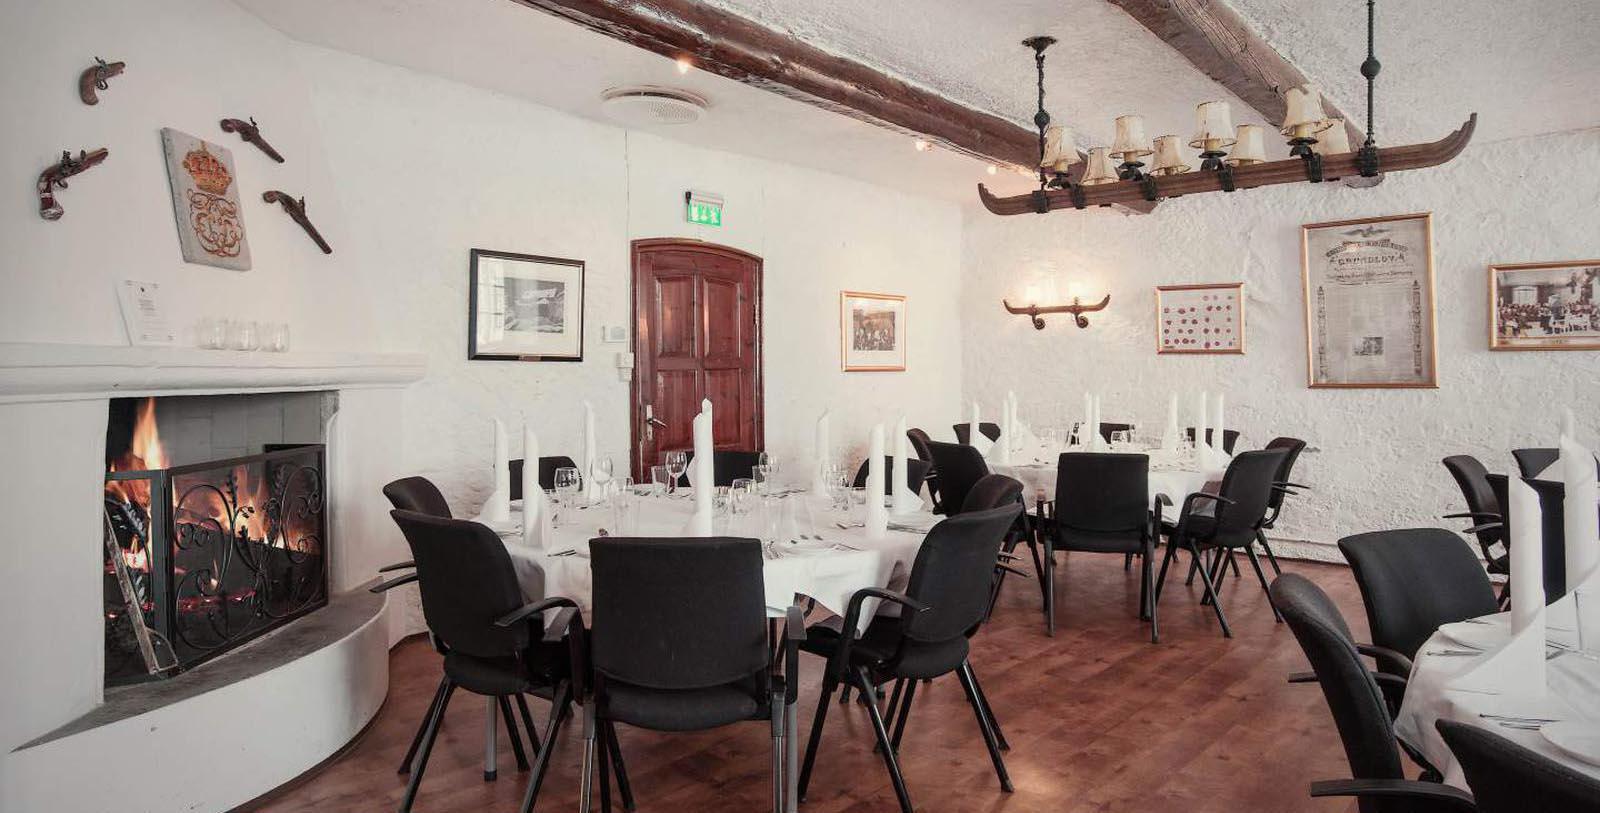 Image of Dining Room at Festningen Castle Hotel & Resort, 1673, Member of Historic Hotels Worldwide, in Kongsvinger, Norway, Hot Deals